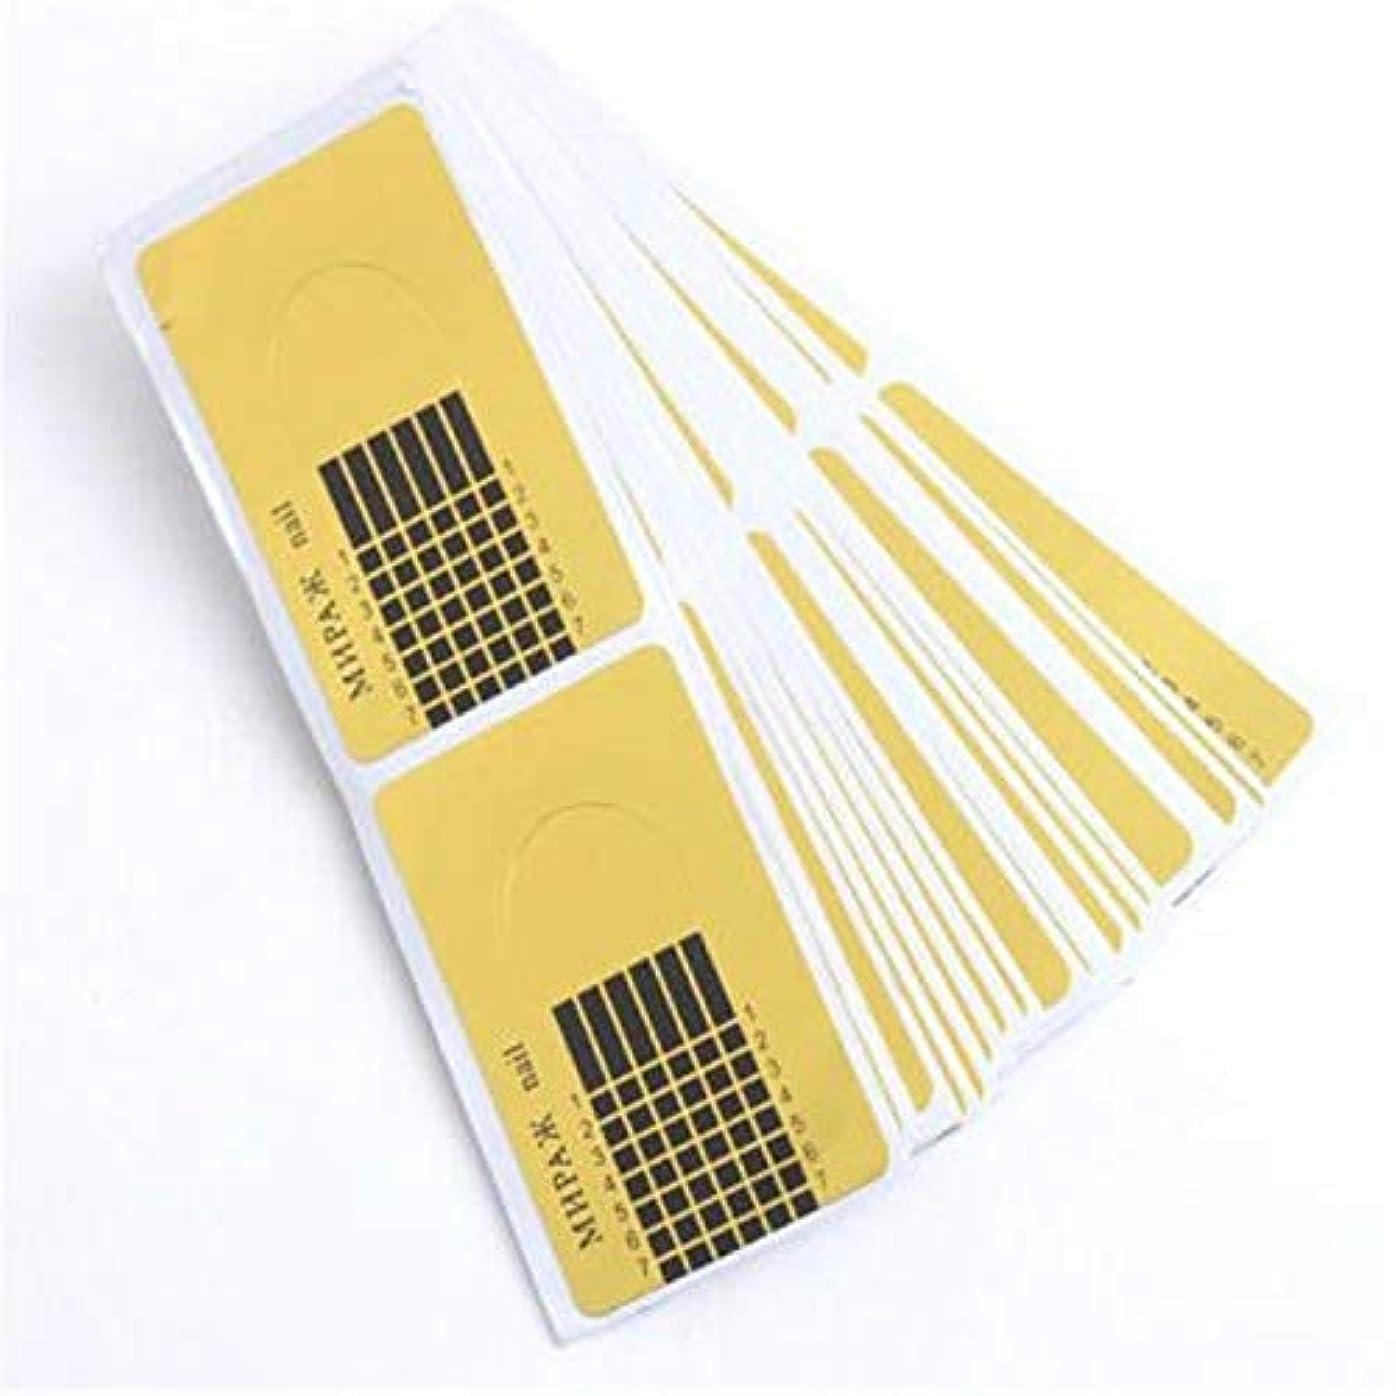 まろやかなコーラスそこからQuzama-JS 先進デザイン100個新しいコンセプトゴールド昆虫タイプ指トリートメント爪サポートクリスタル特殊ホルダー(None golden)